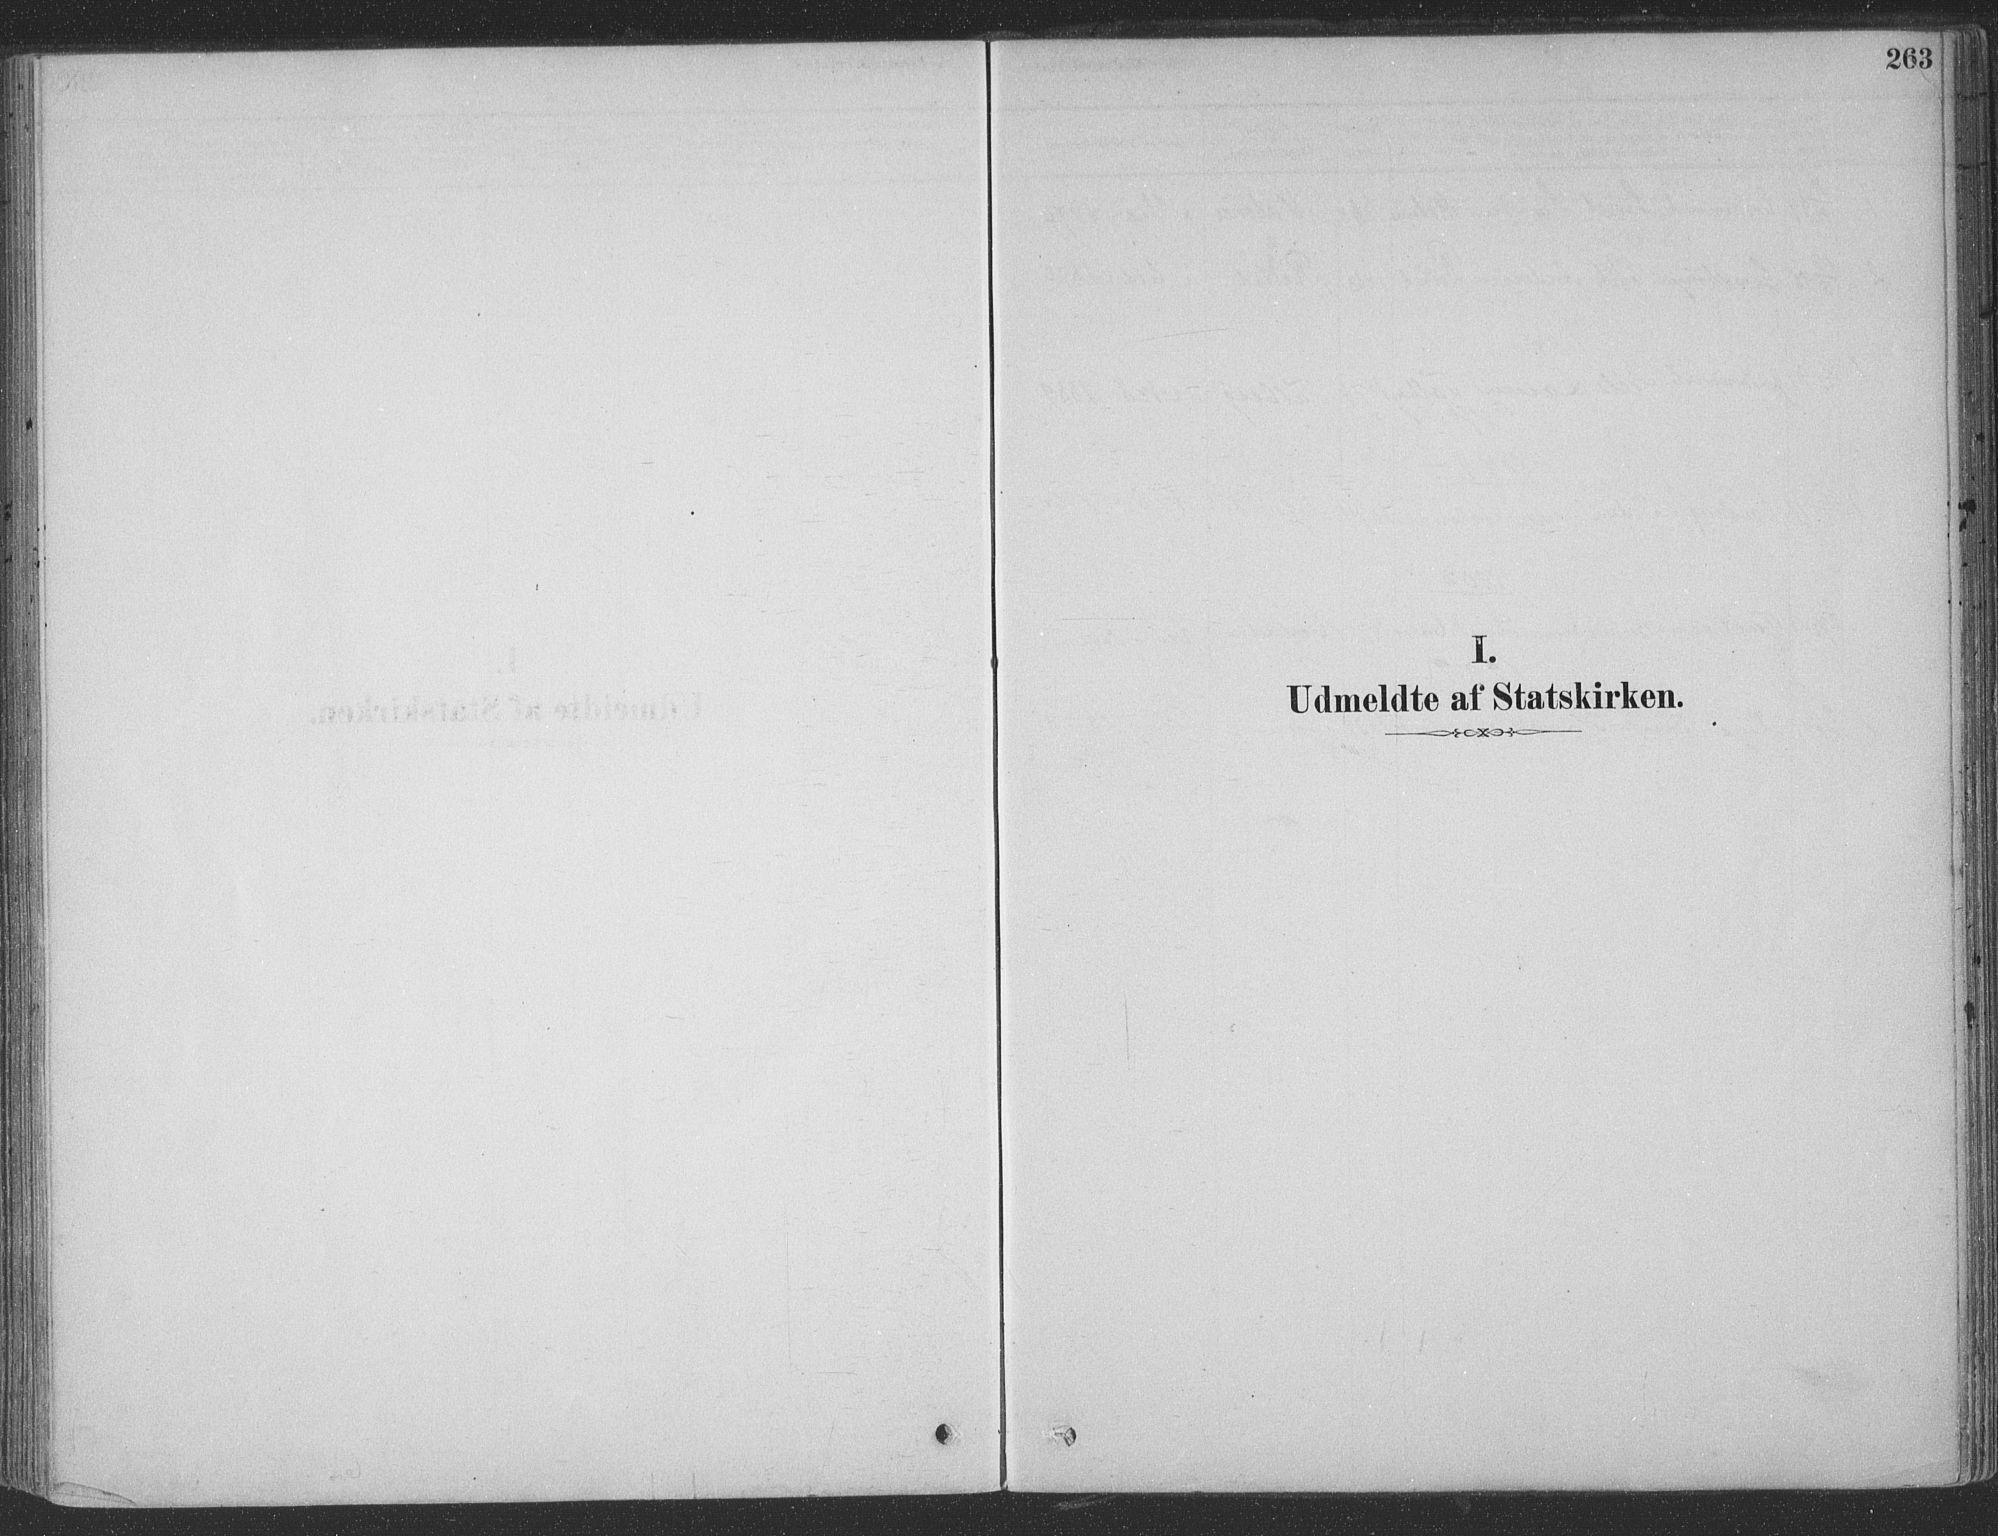 SAT, Ministerialprotokoller, klokkerbøker og fødselsregistre - Møre og Romsdal, 547/L0604: Parish register (official) no. 547A06, 1878-1906, p. 263